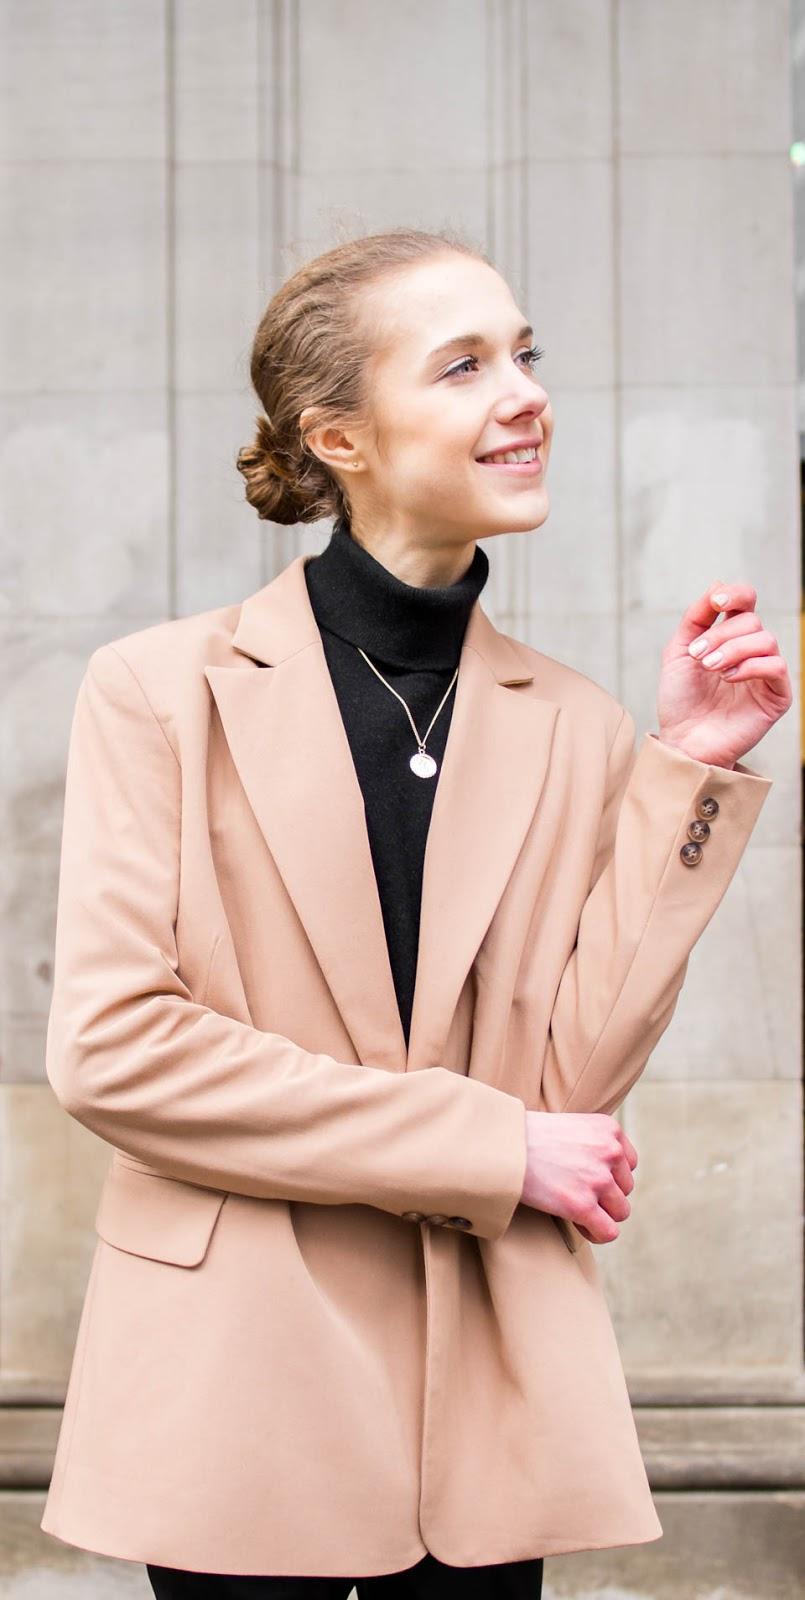 Stress, money, minimal Scandinavian style outfit - Stressi, raha, minimalistinen skandinaavinen tyyli